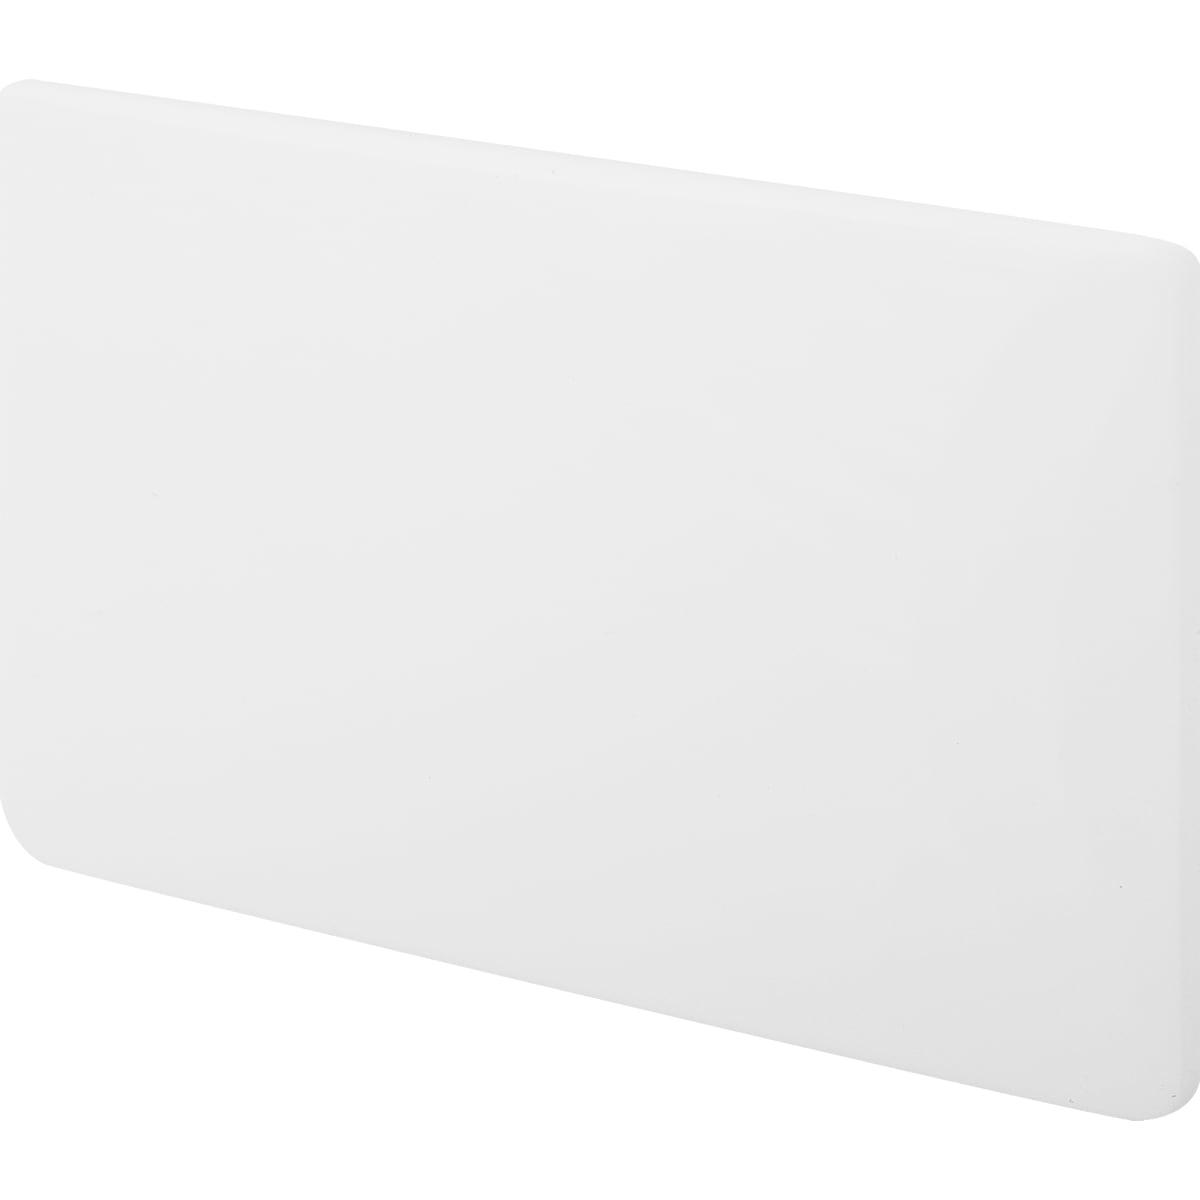 Крышка выпуска «Лайн» цвет белый